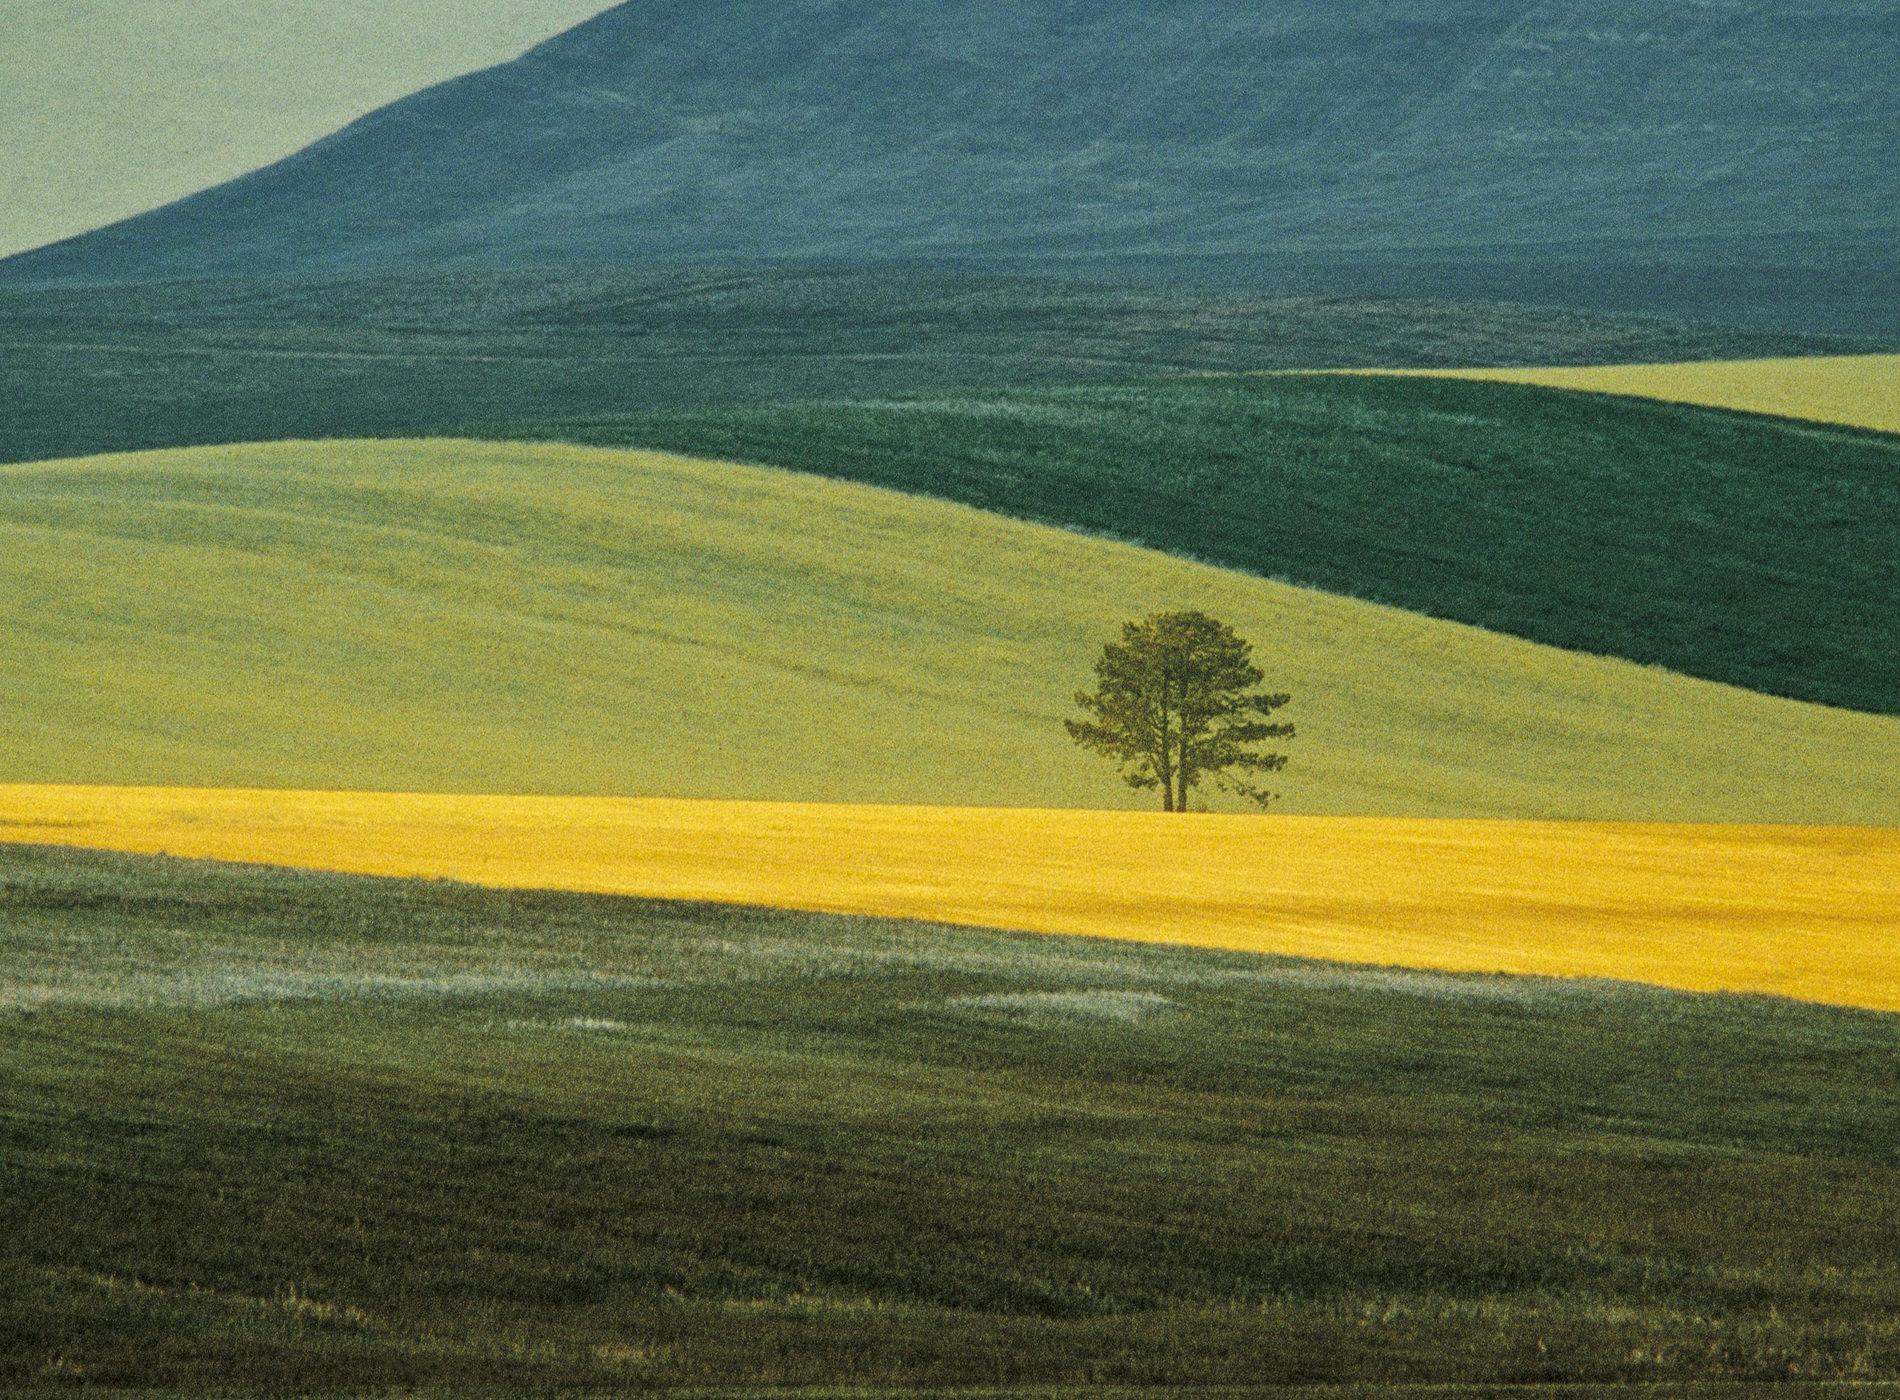 Franco Fontana Photographie Paesaggio 1978